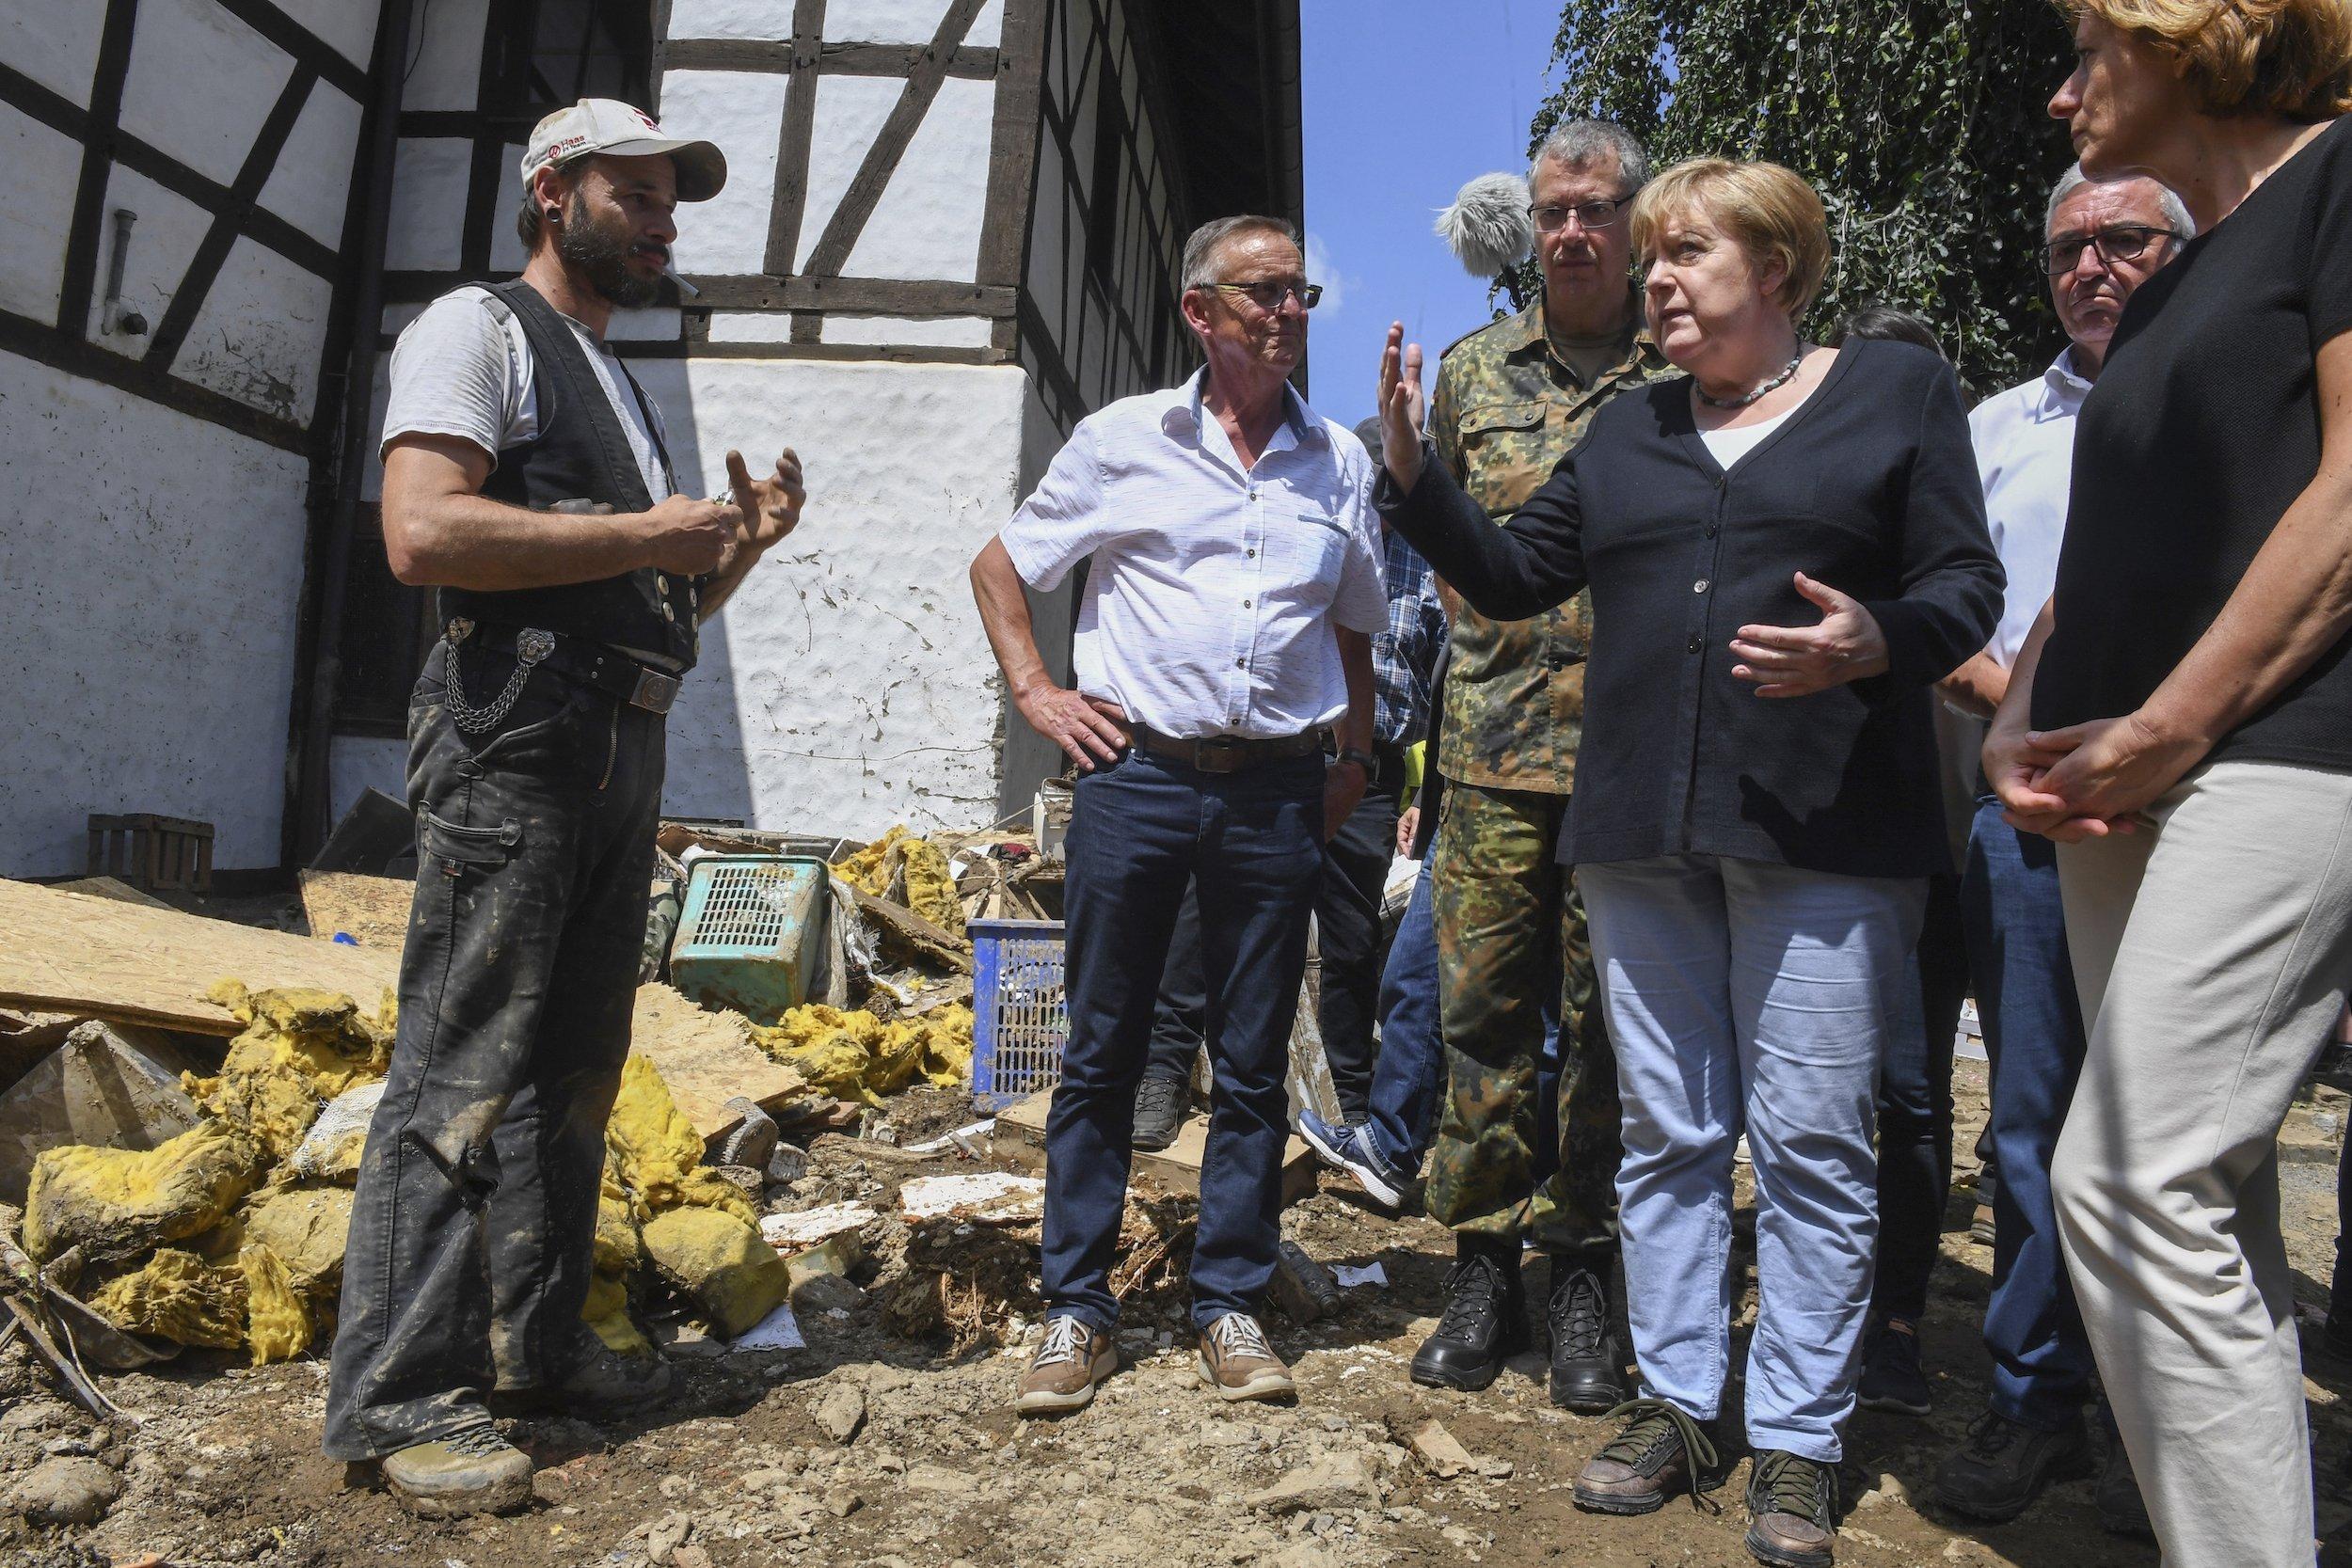 Bundeskanzlerin Angela Merkel beim Gespräch vor einem zerstörten Haus